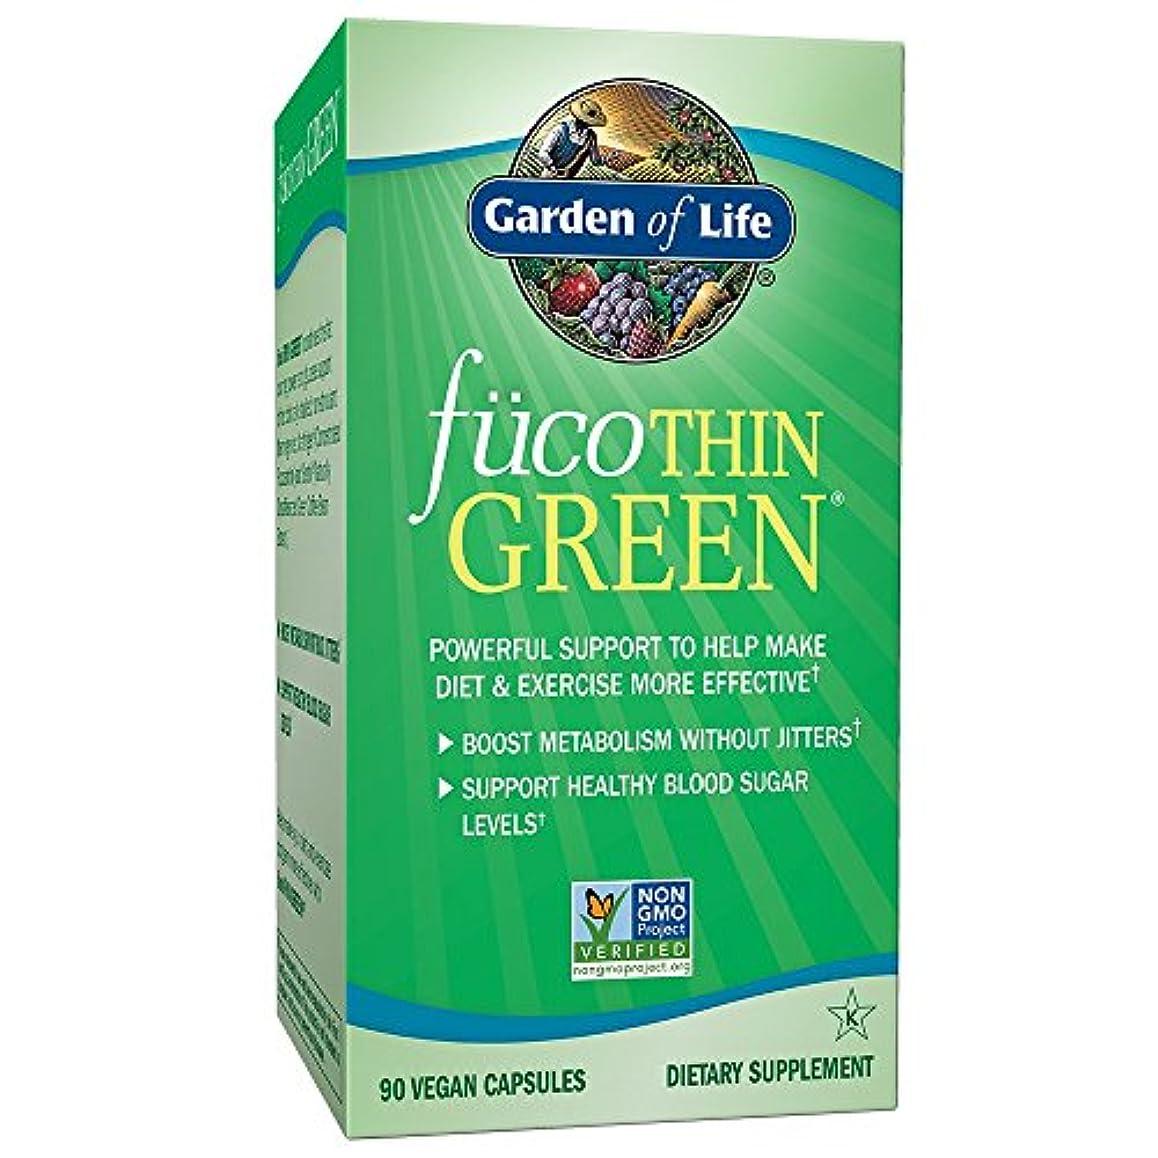 ラッチクモソブリケット海外直送品Garden of Life Fucothin Green, 90 Caps